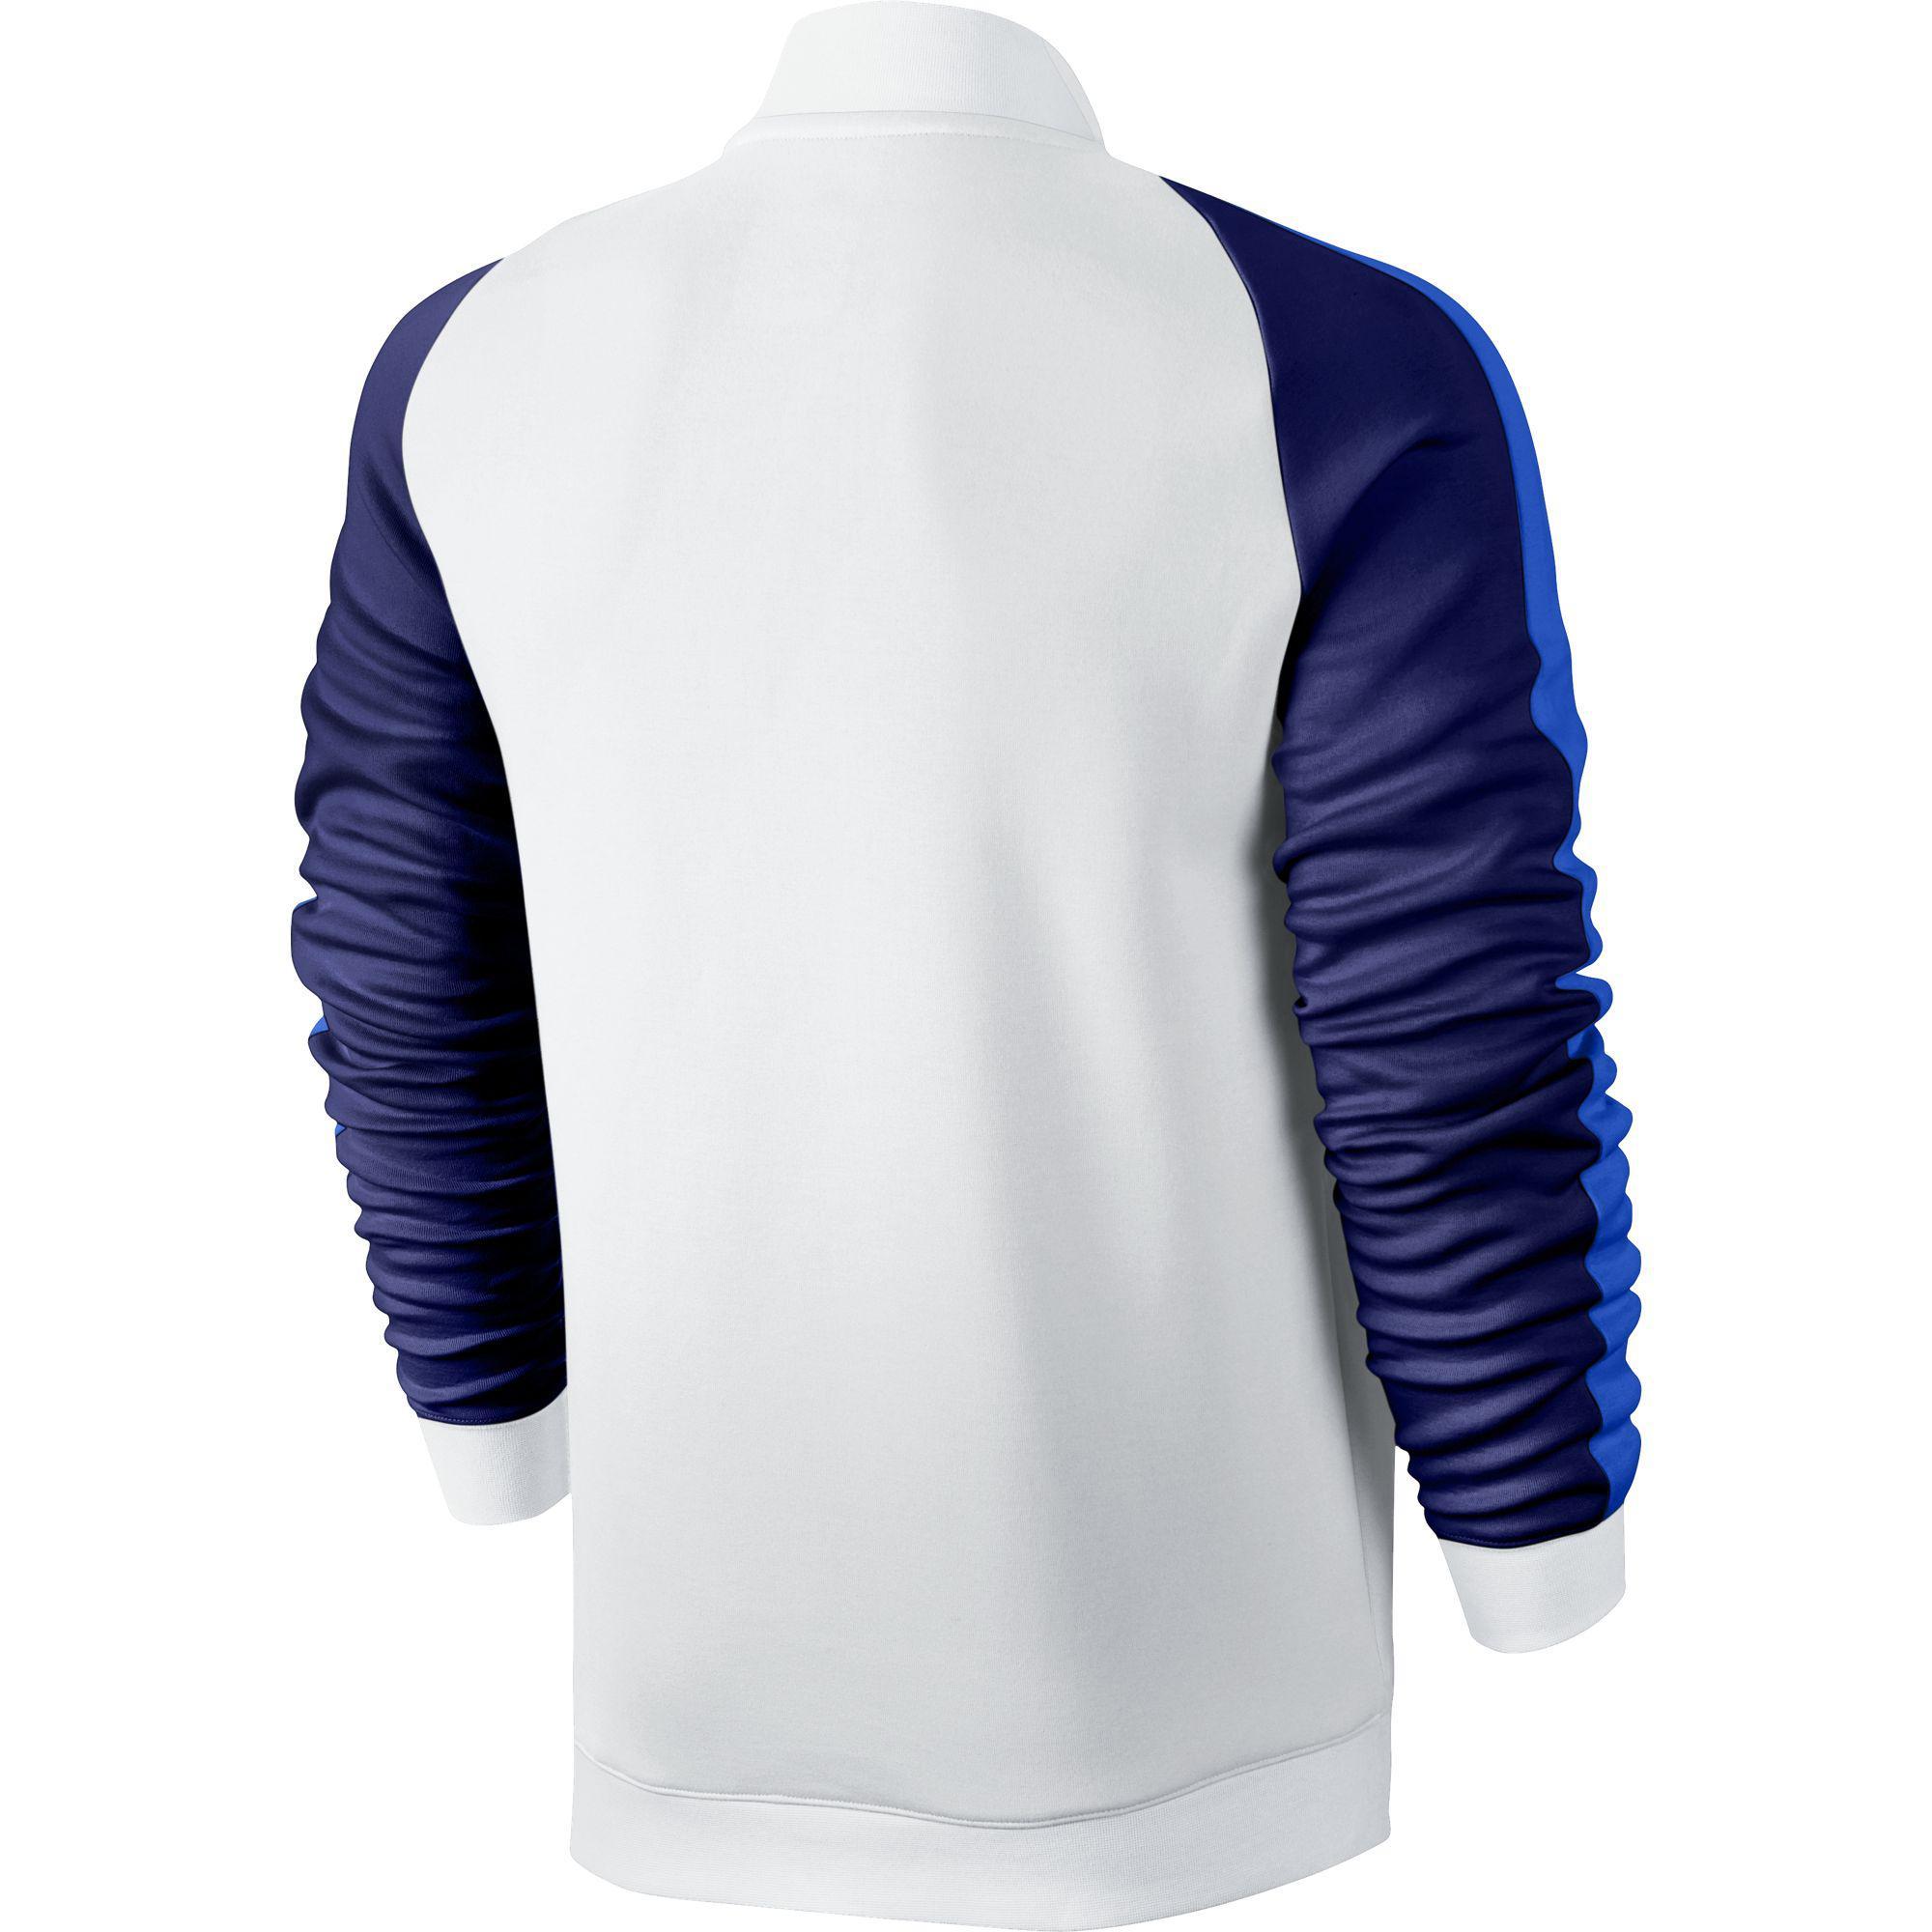 608b7f620ed5 Nike Mens Premier RF Jacket - White Blue - Tennisnuts.com